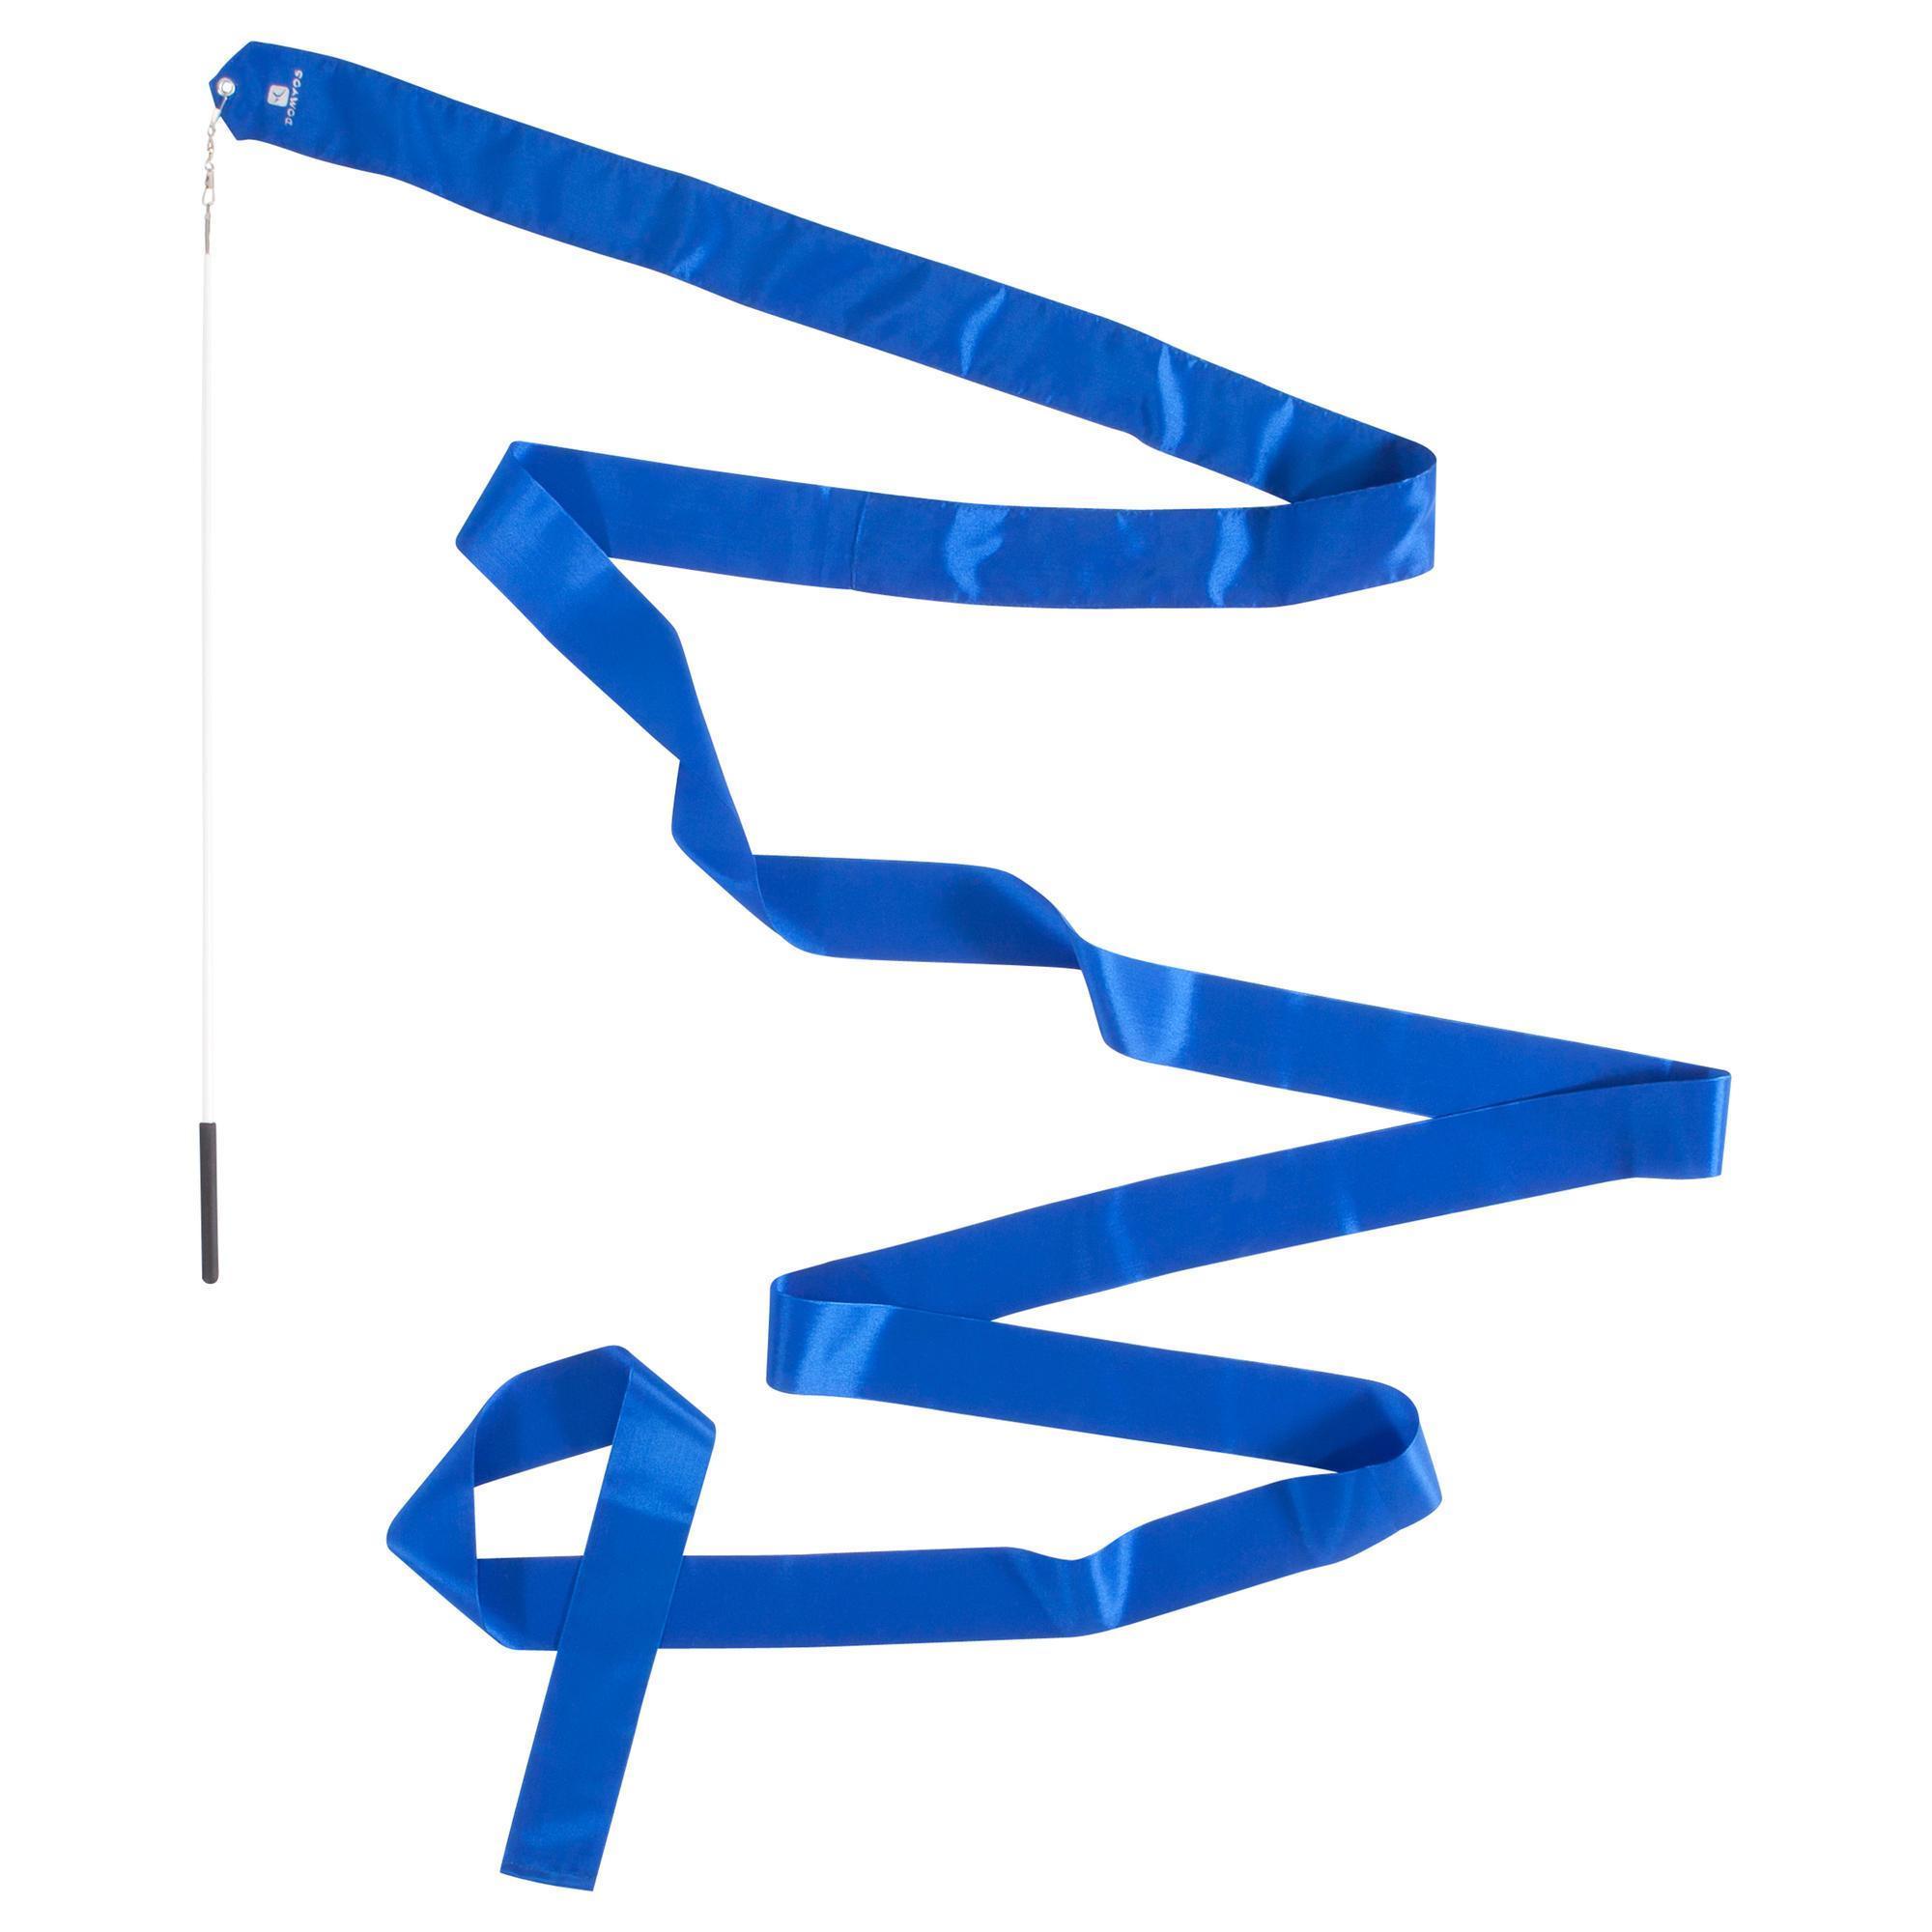 Rhythmic Gymnastics Ribbon 4 M Blue Domyos By Decathlon